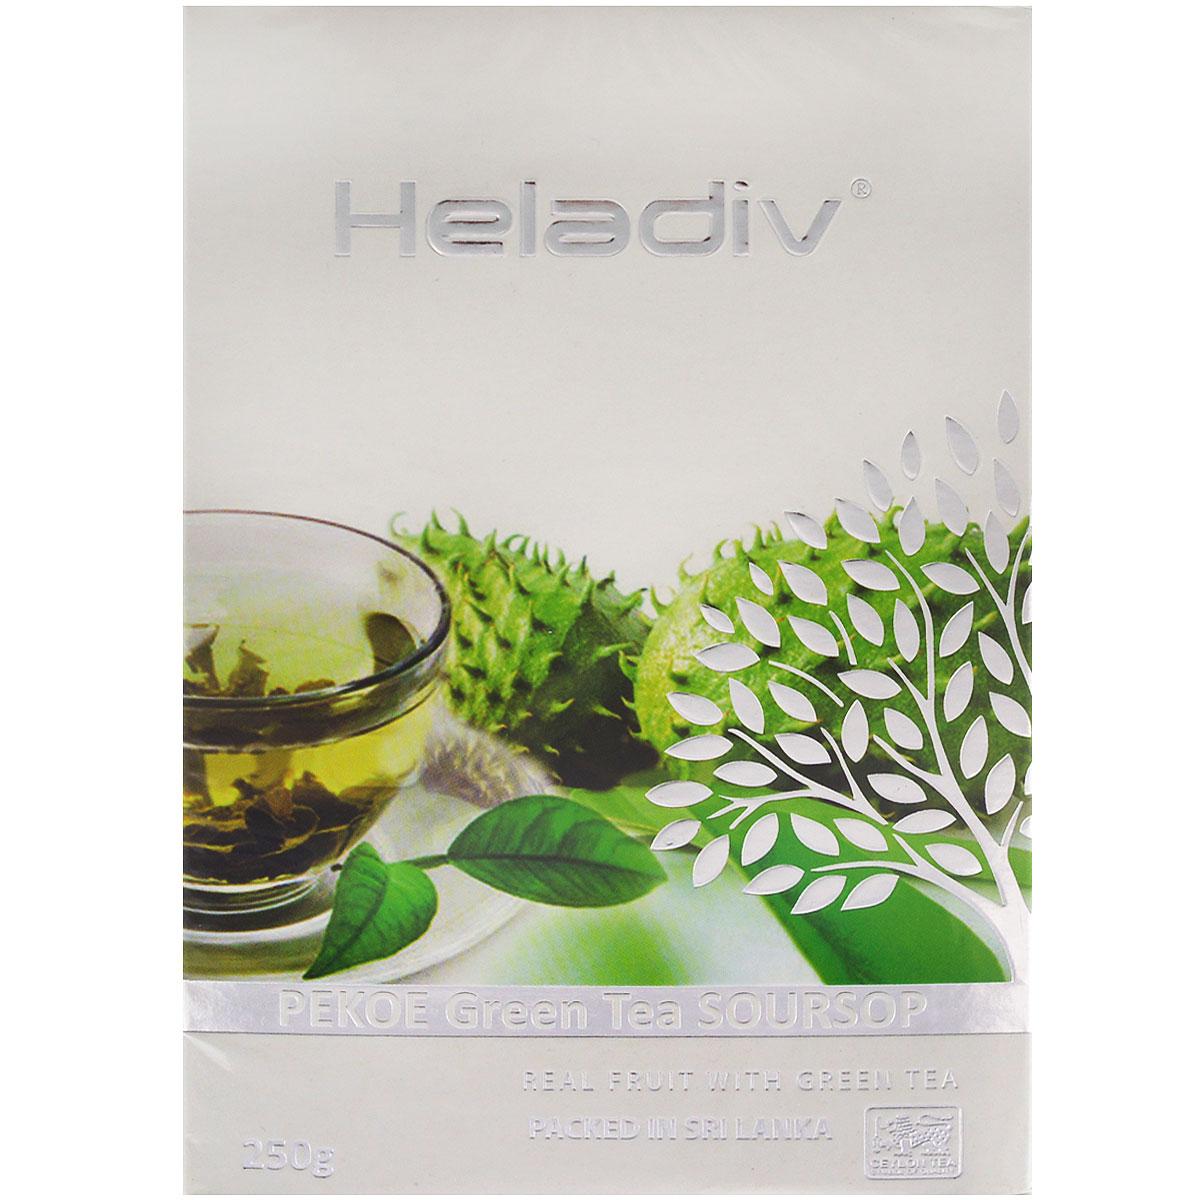 Heladiv Pekoe Green Soursop зелёный листовой чай с саусепом, 250 г4791007010609Heladiv Pekoe Green Soursop - настоящий цейлонский зелёный чай Пеко с с натуральным ароматизатором и кусочками саусепа.